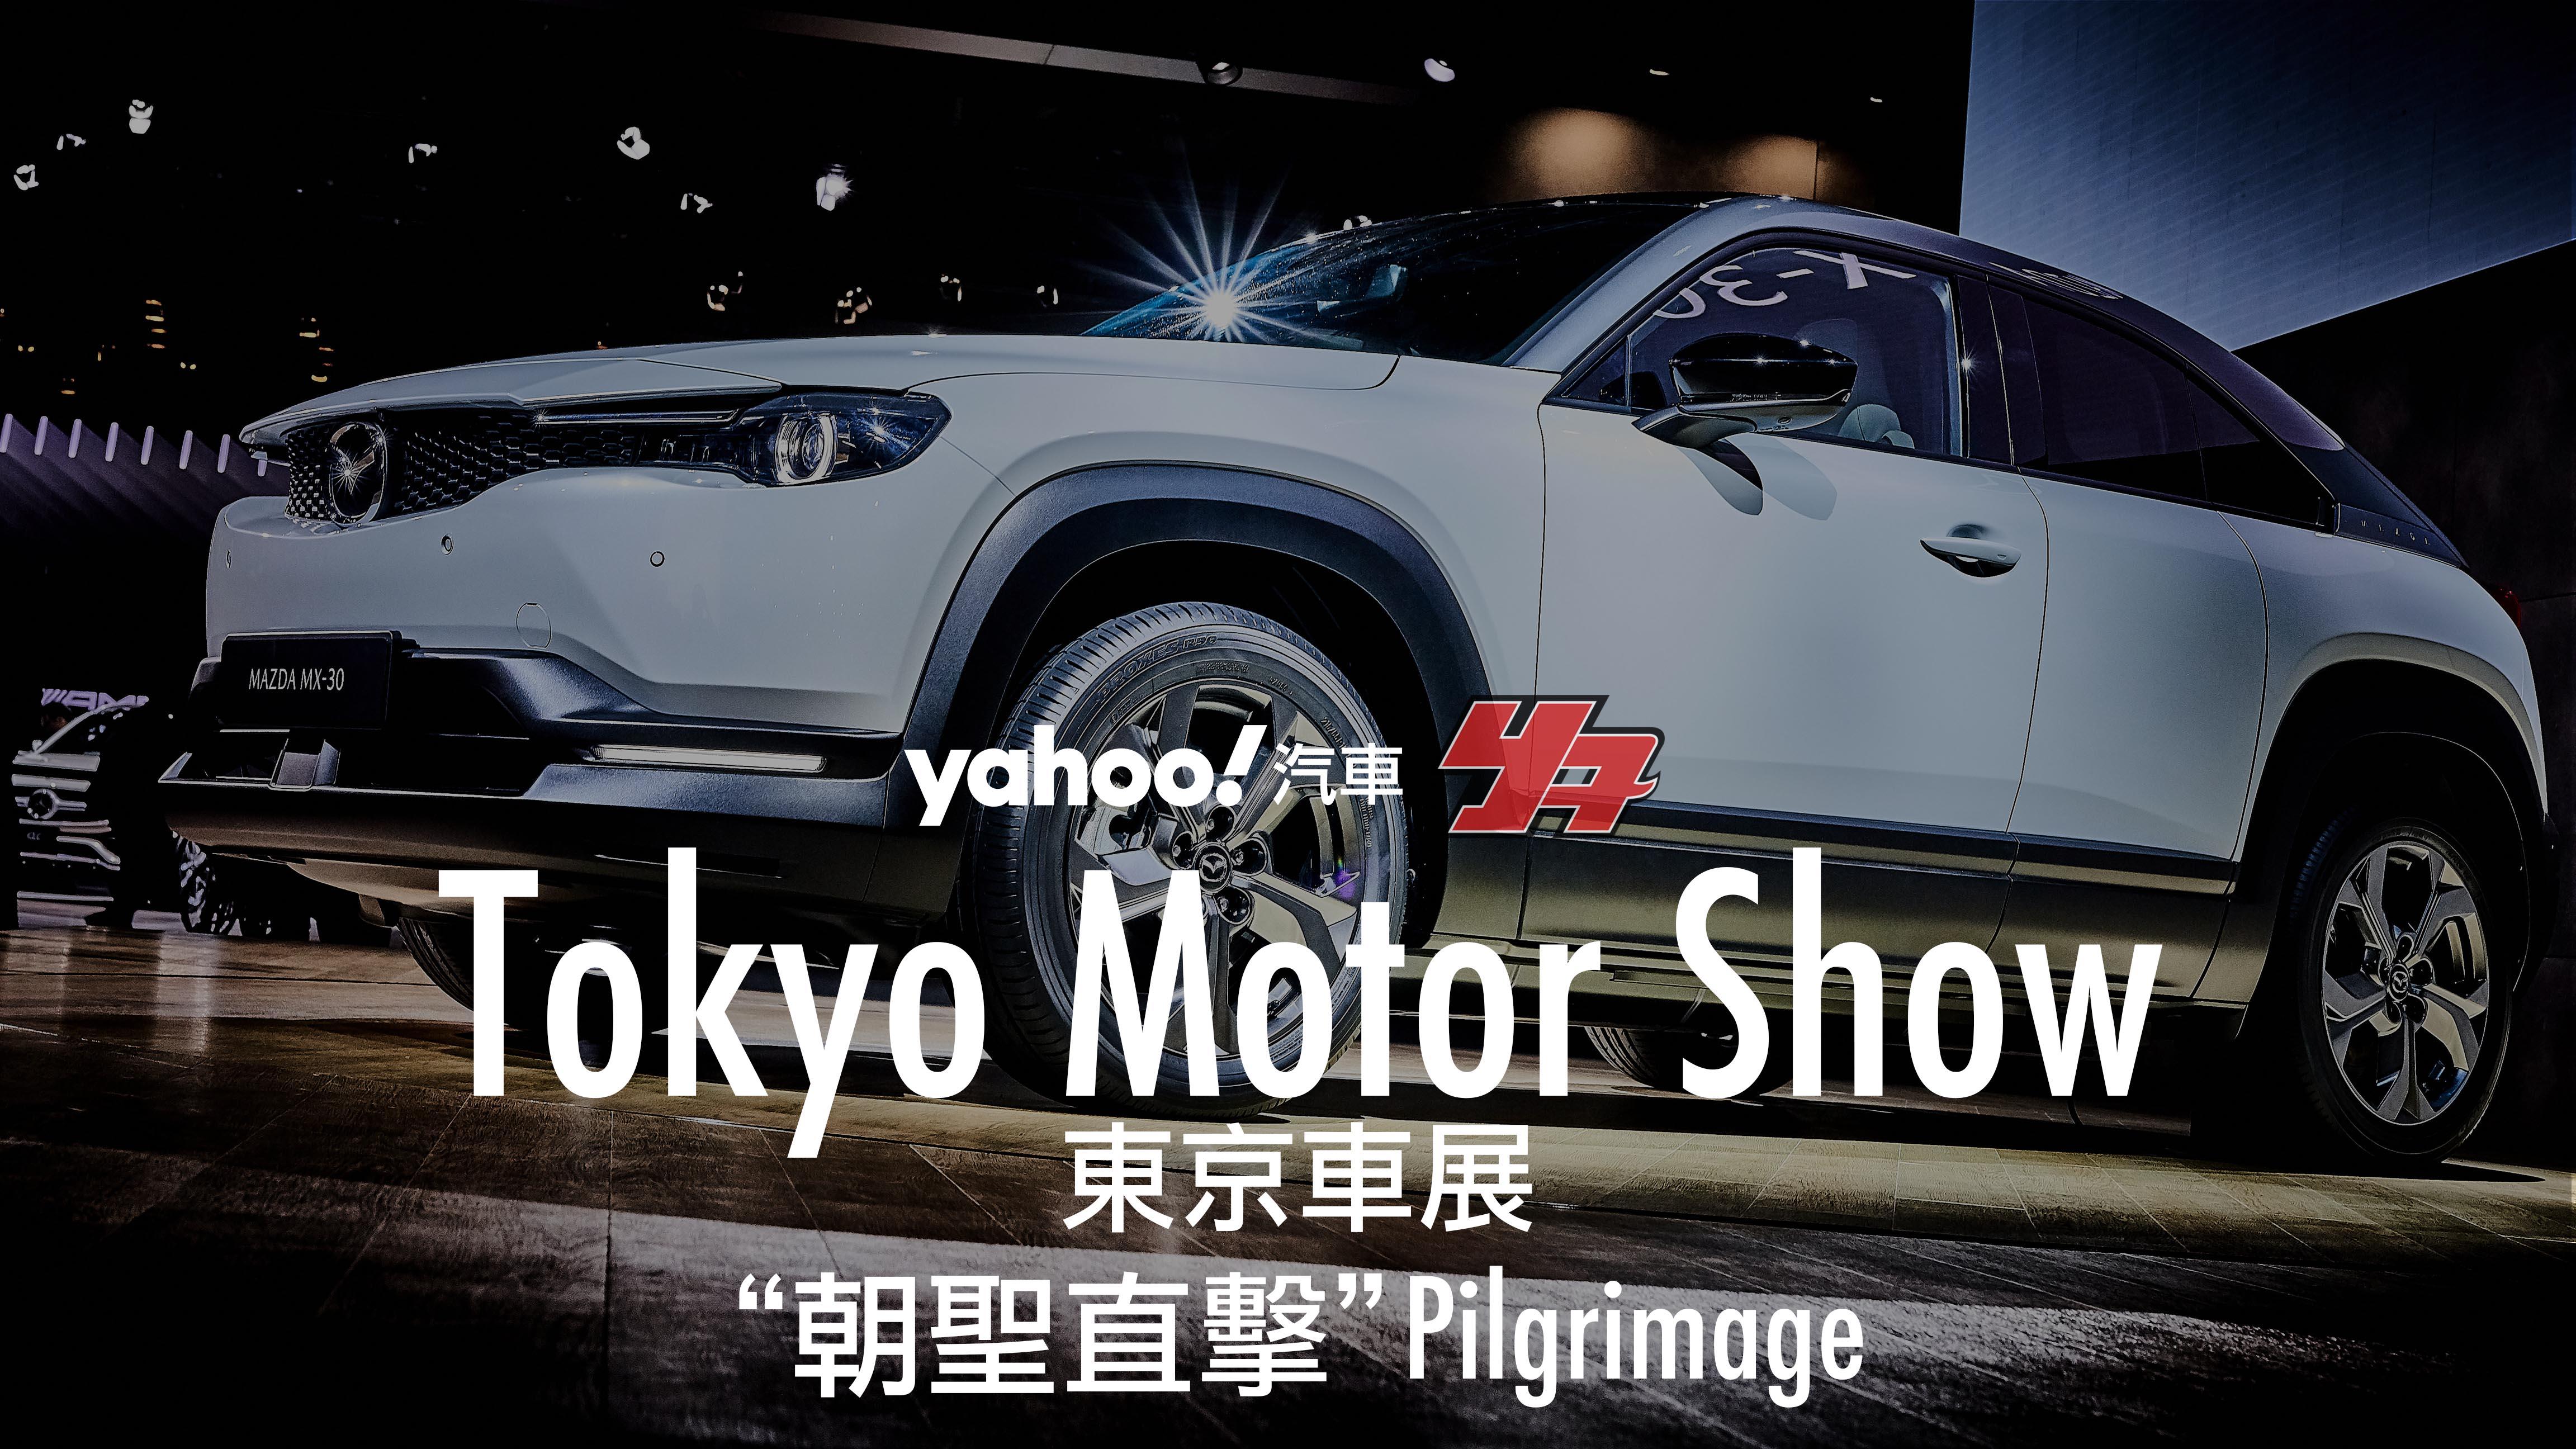 【朝聖直擊】一起前往亞洲車壇盛事吧!東京車展朝聖攻略+週邊重點注意報!